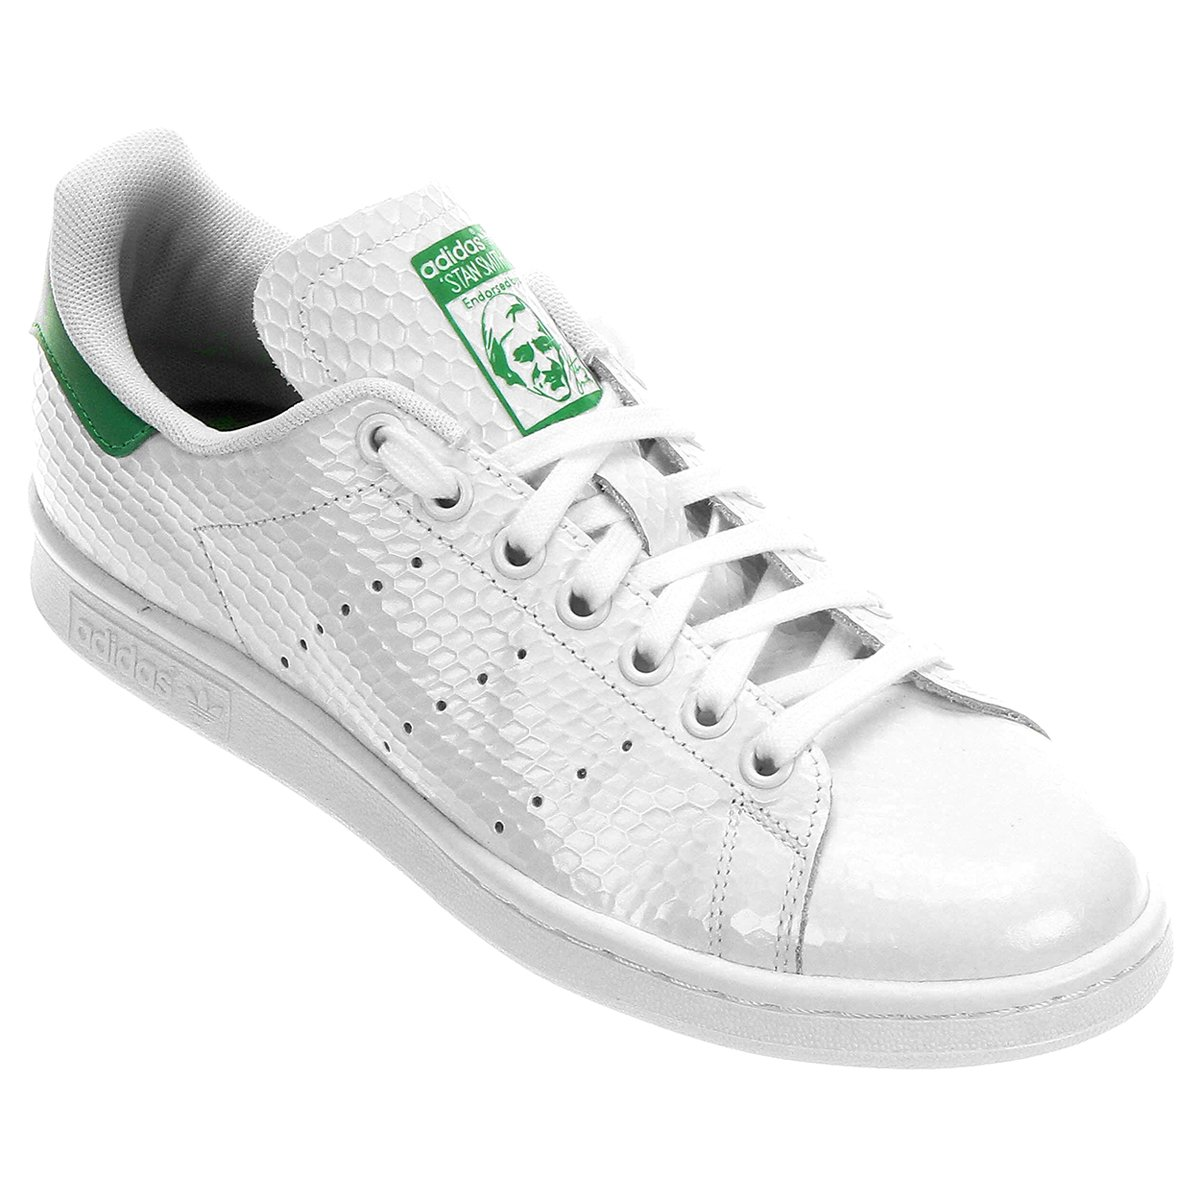 9b4e2e4b226d Tênis Adidas Stan Smith W - Compre Agora